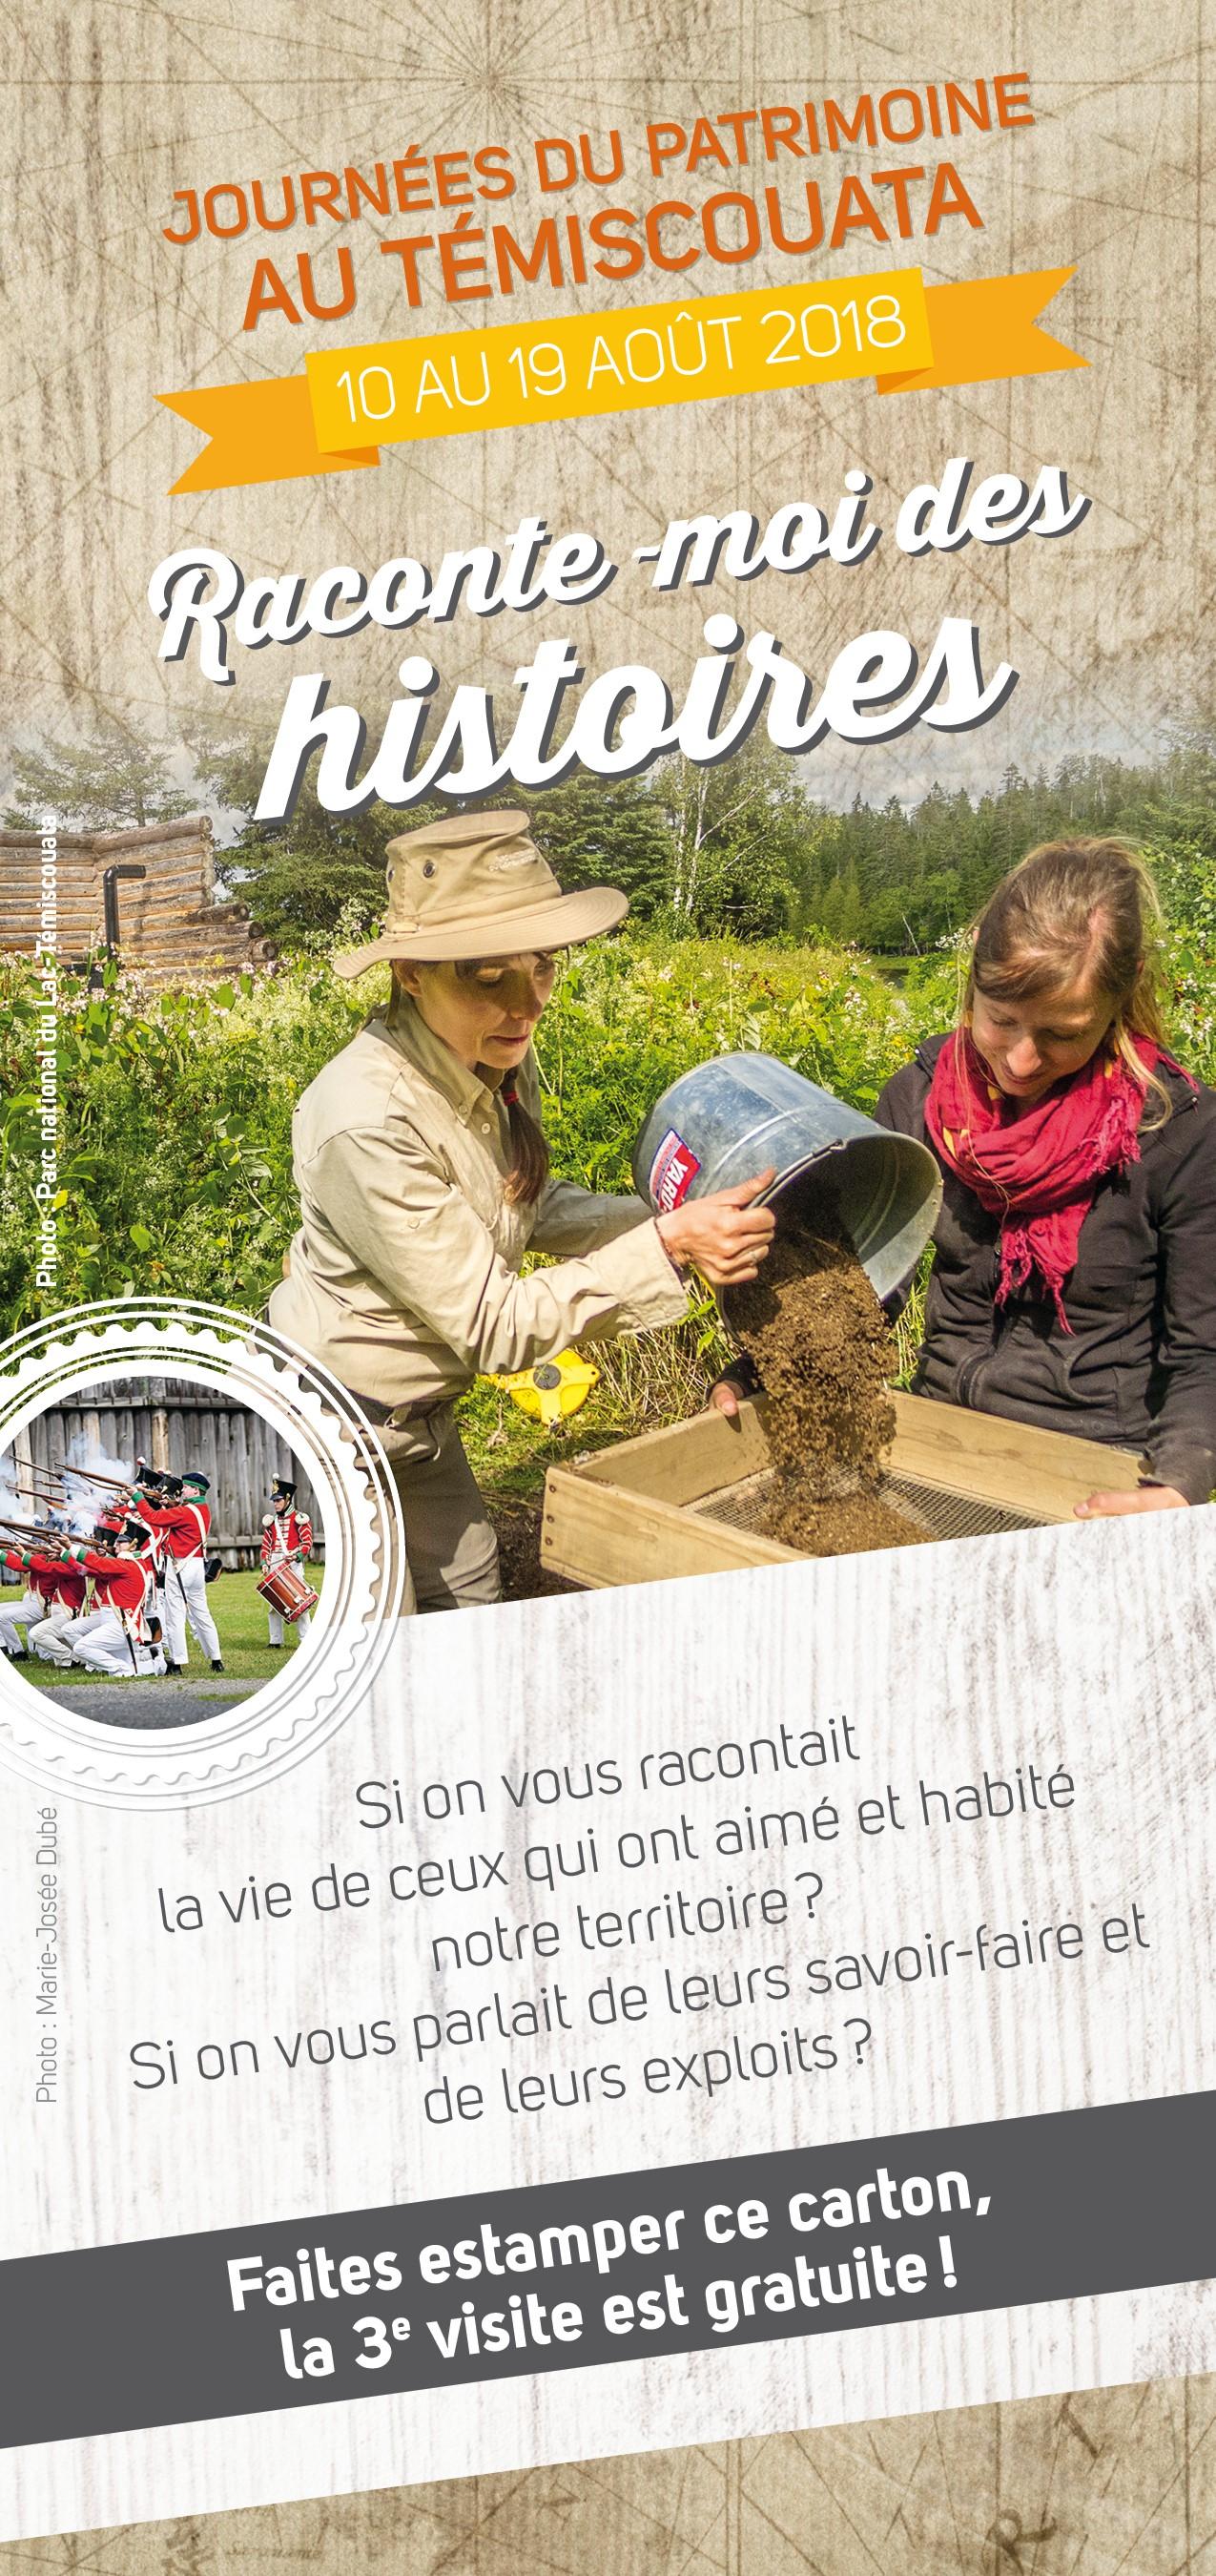 Journées Patrimoine cover